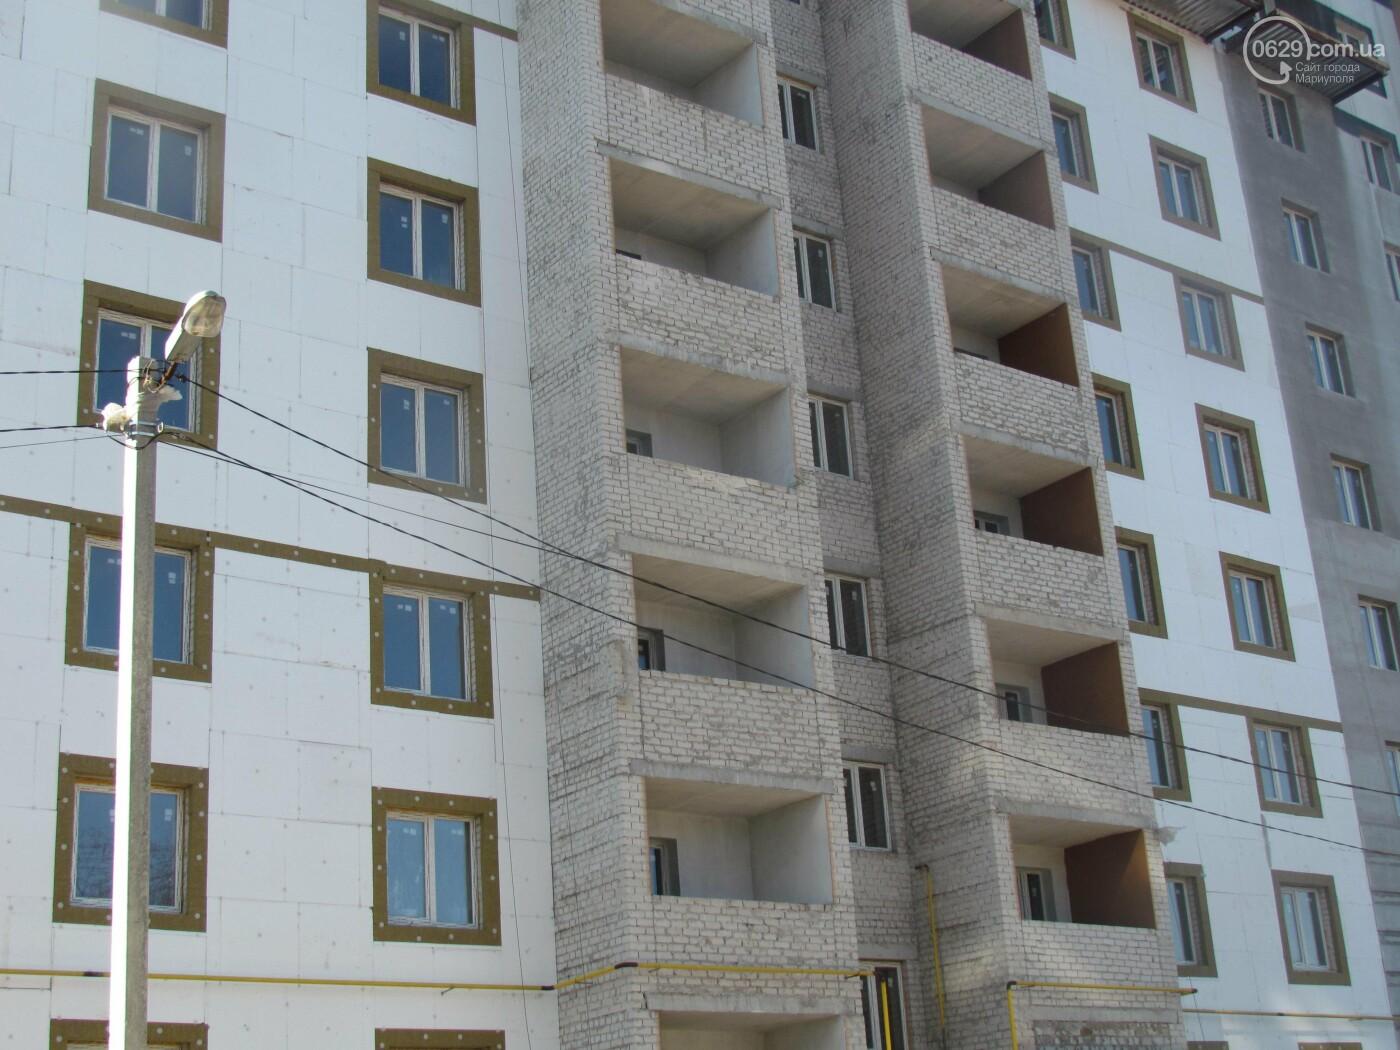 В Мариуполе из бюджета выделили 15 млн грн на строительство дома для СБУ, - ФОТОРЕПОРТАЖ с места строительства, фото-2